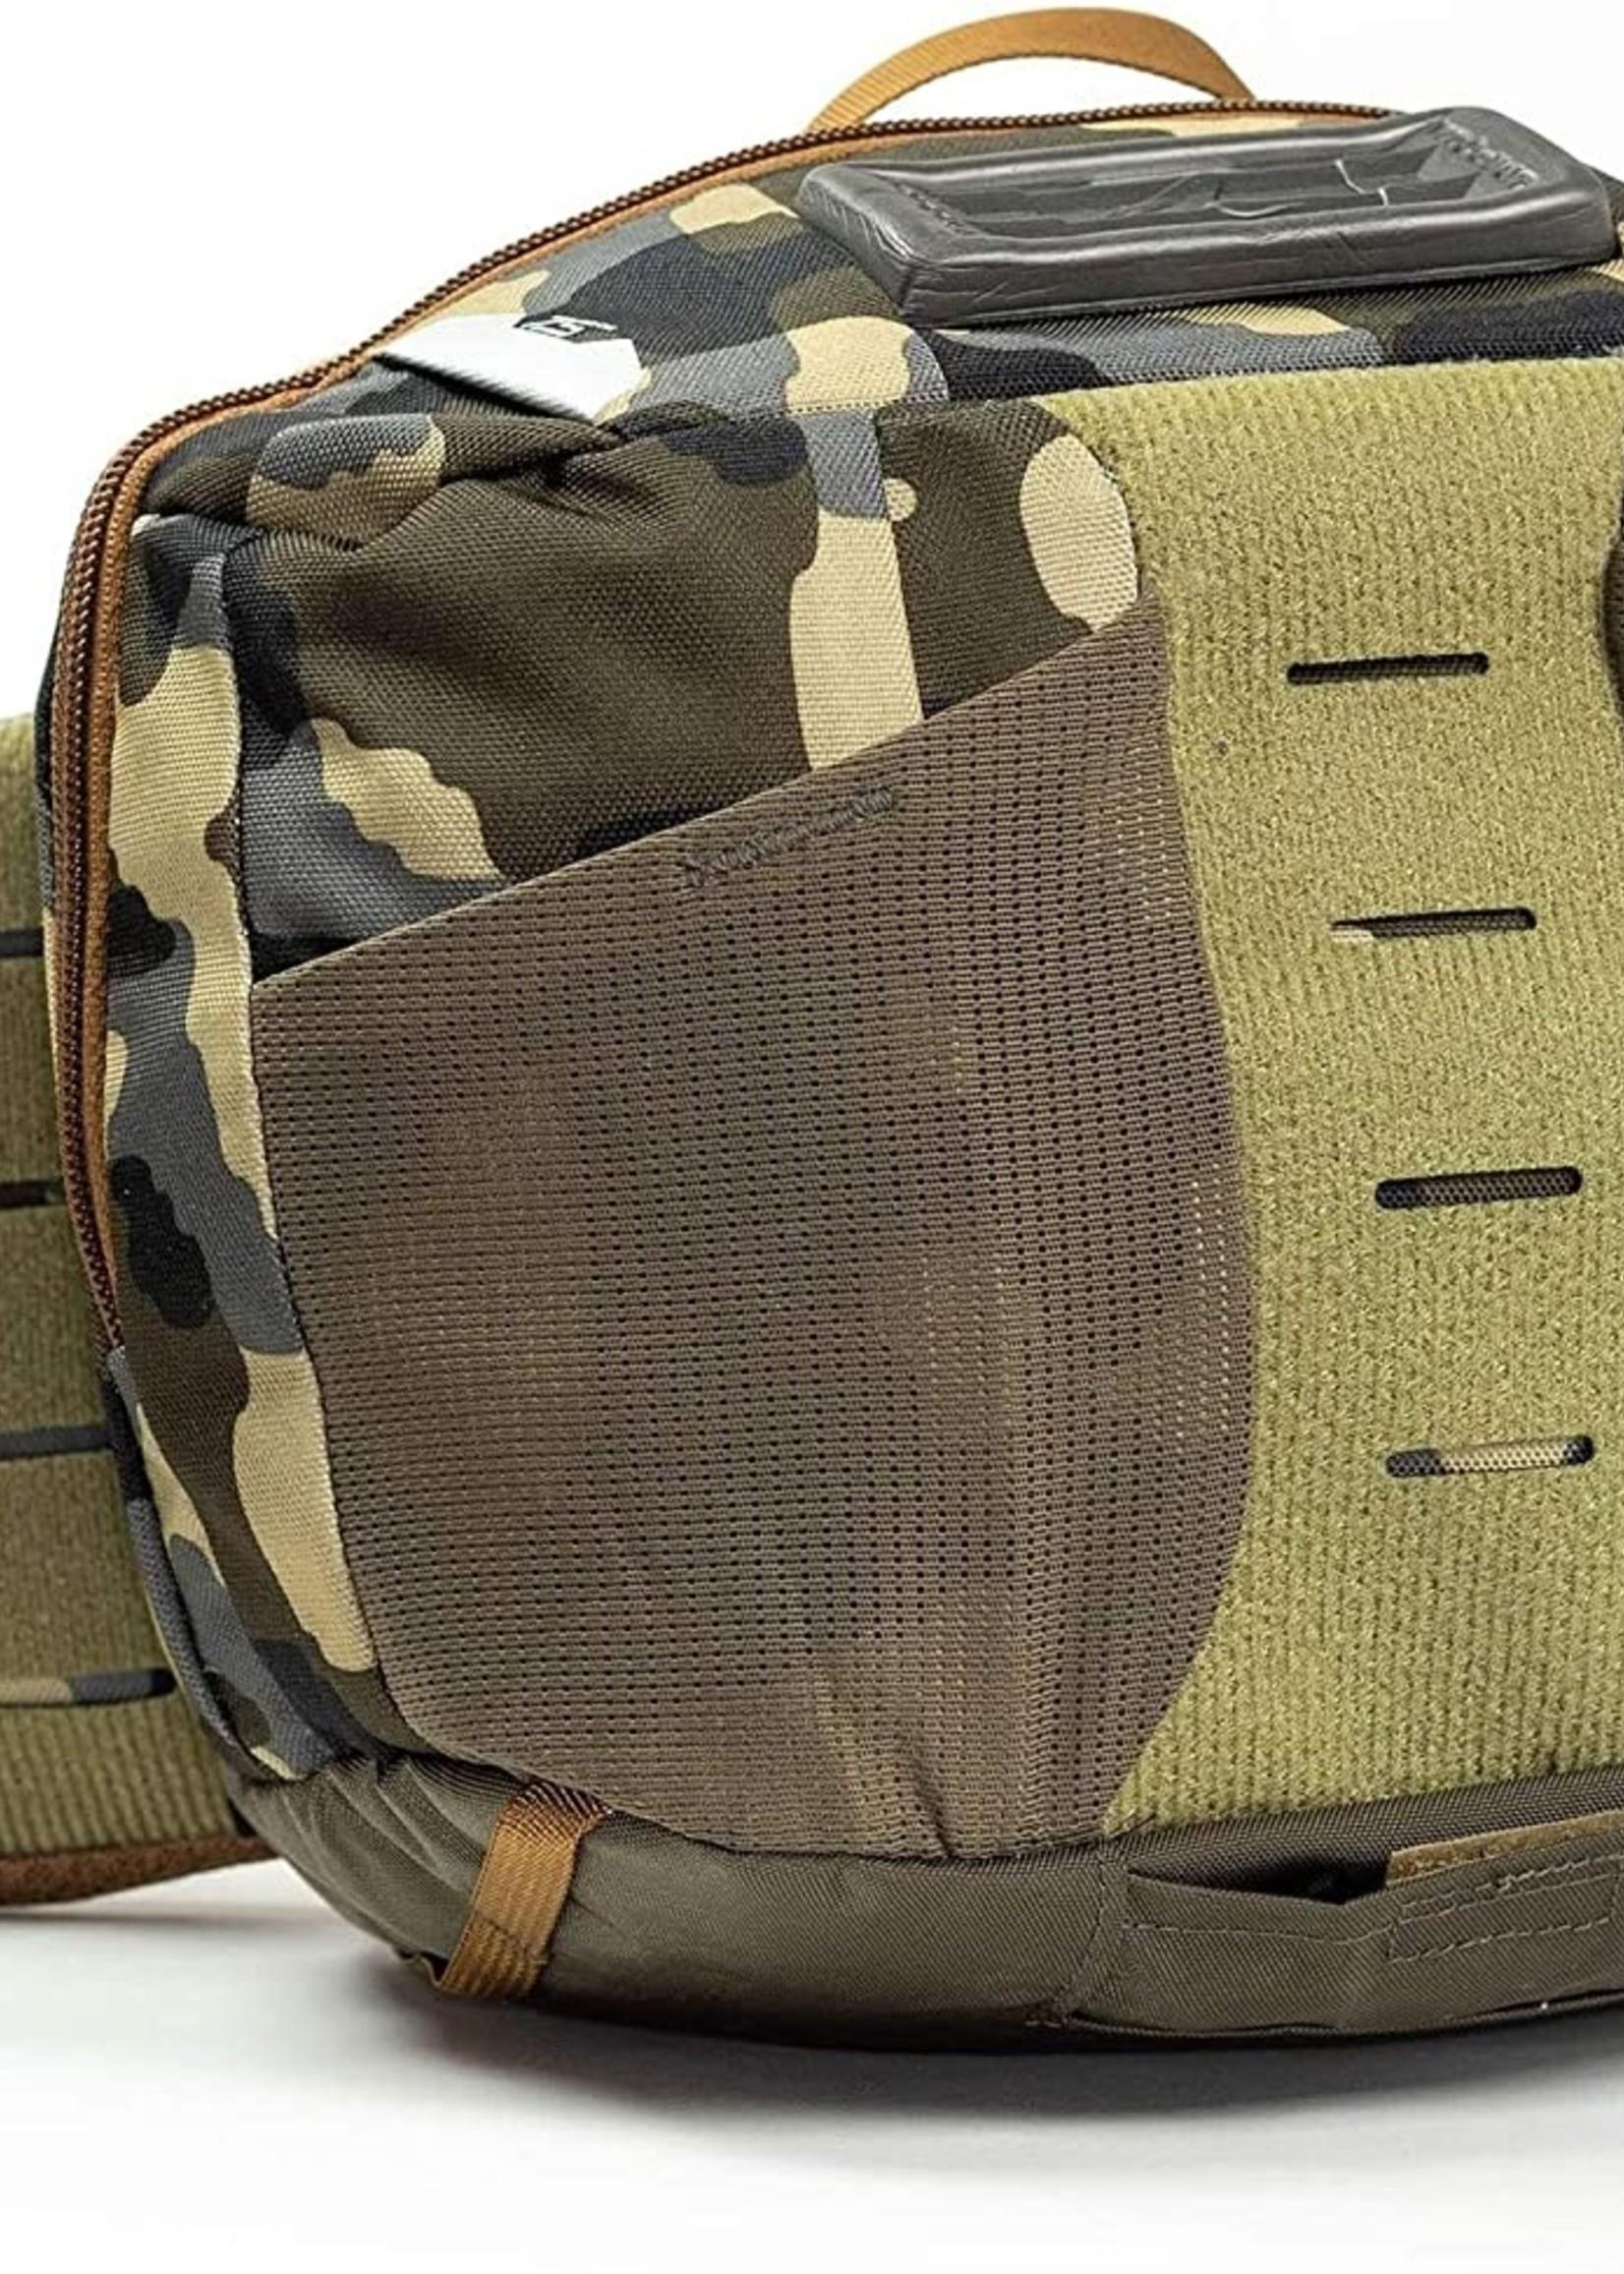 UMPQUA CAMO LEDGES 500 WAIST PACK